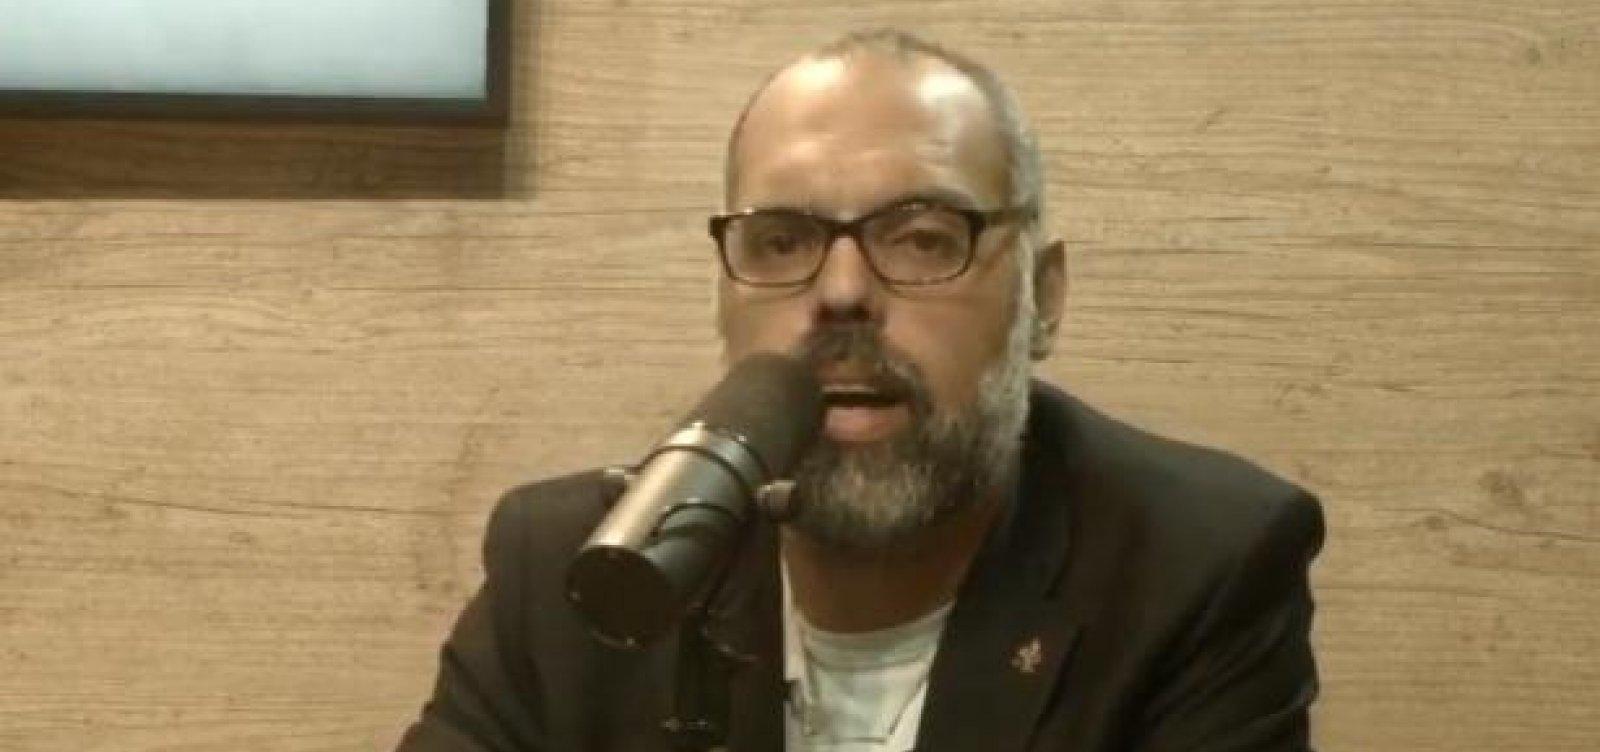 [Em live, blogueiro Allan dos Santos diz ter saído do Brasil]